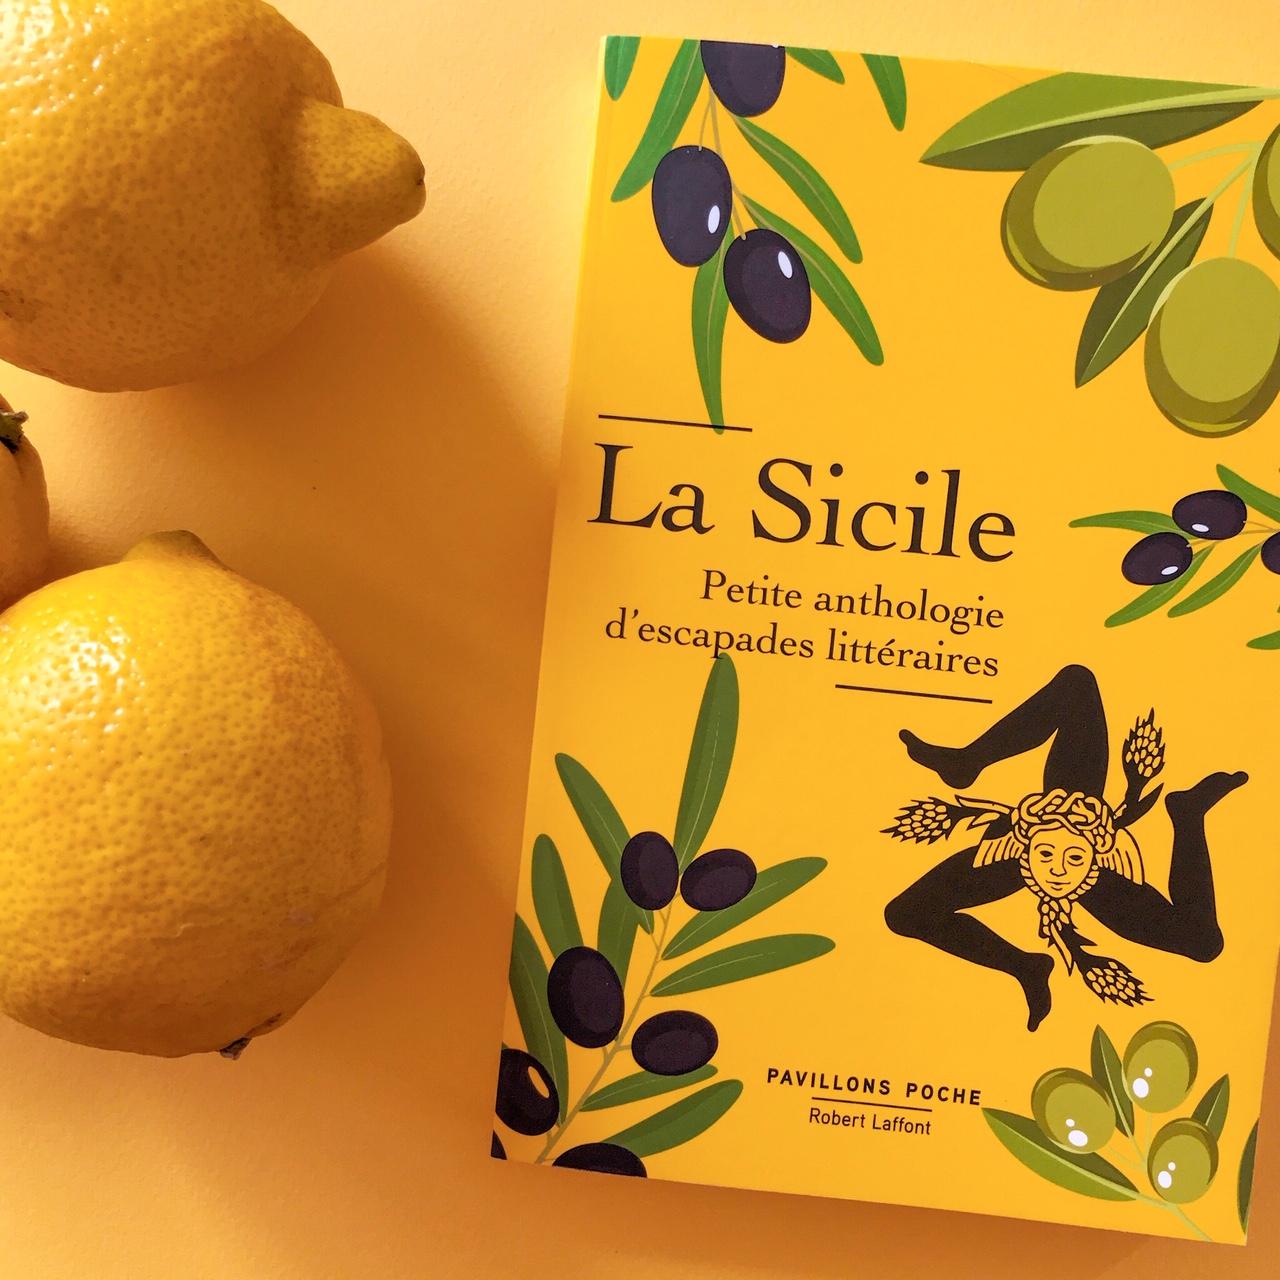 La Sicile : Petite anthologie d'escapades littéraires